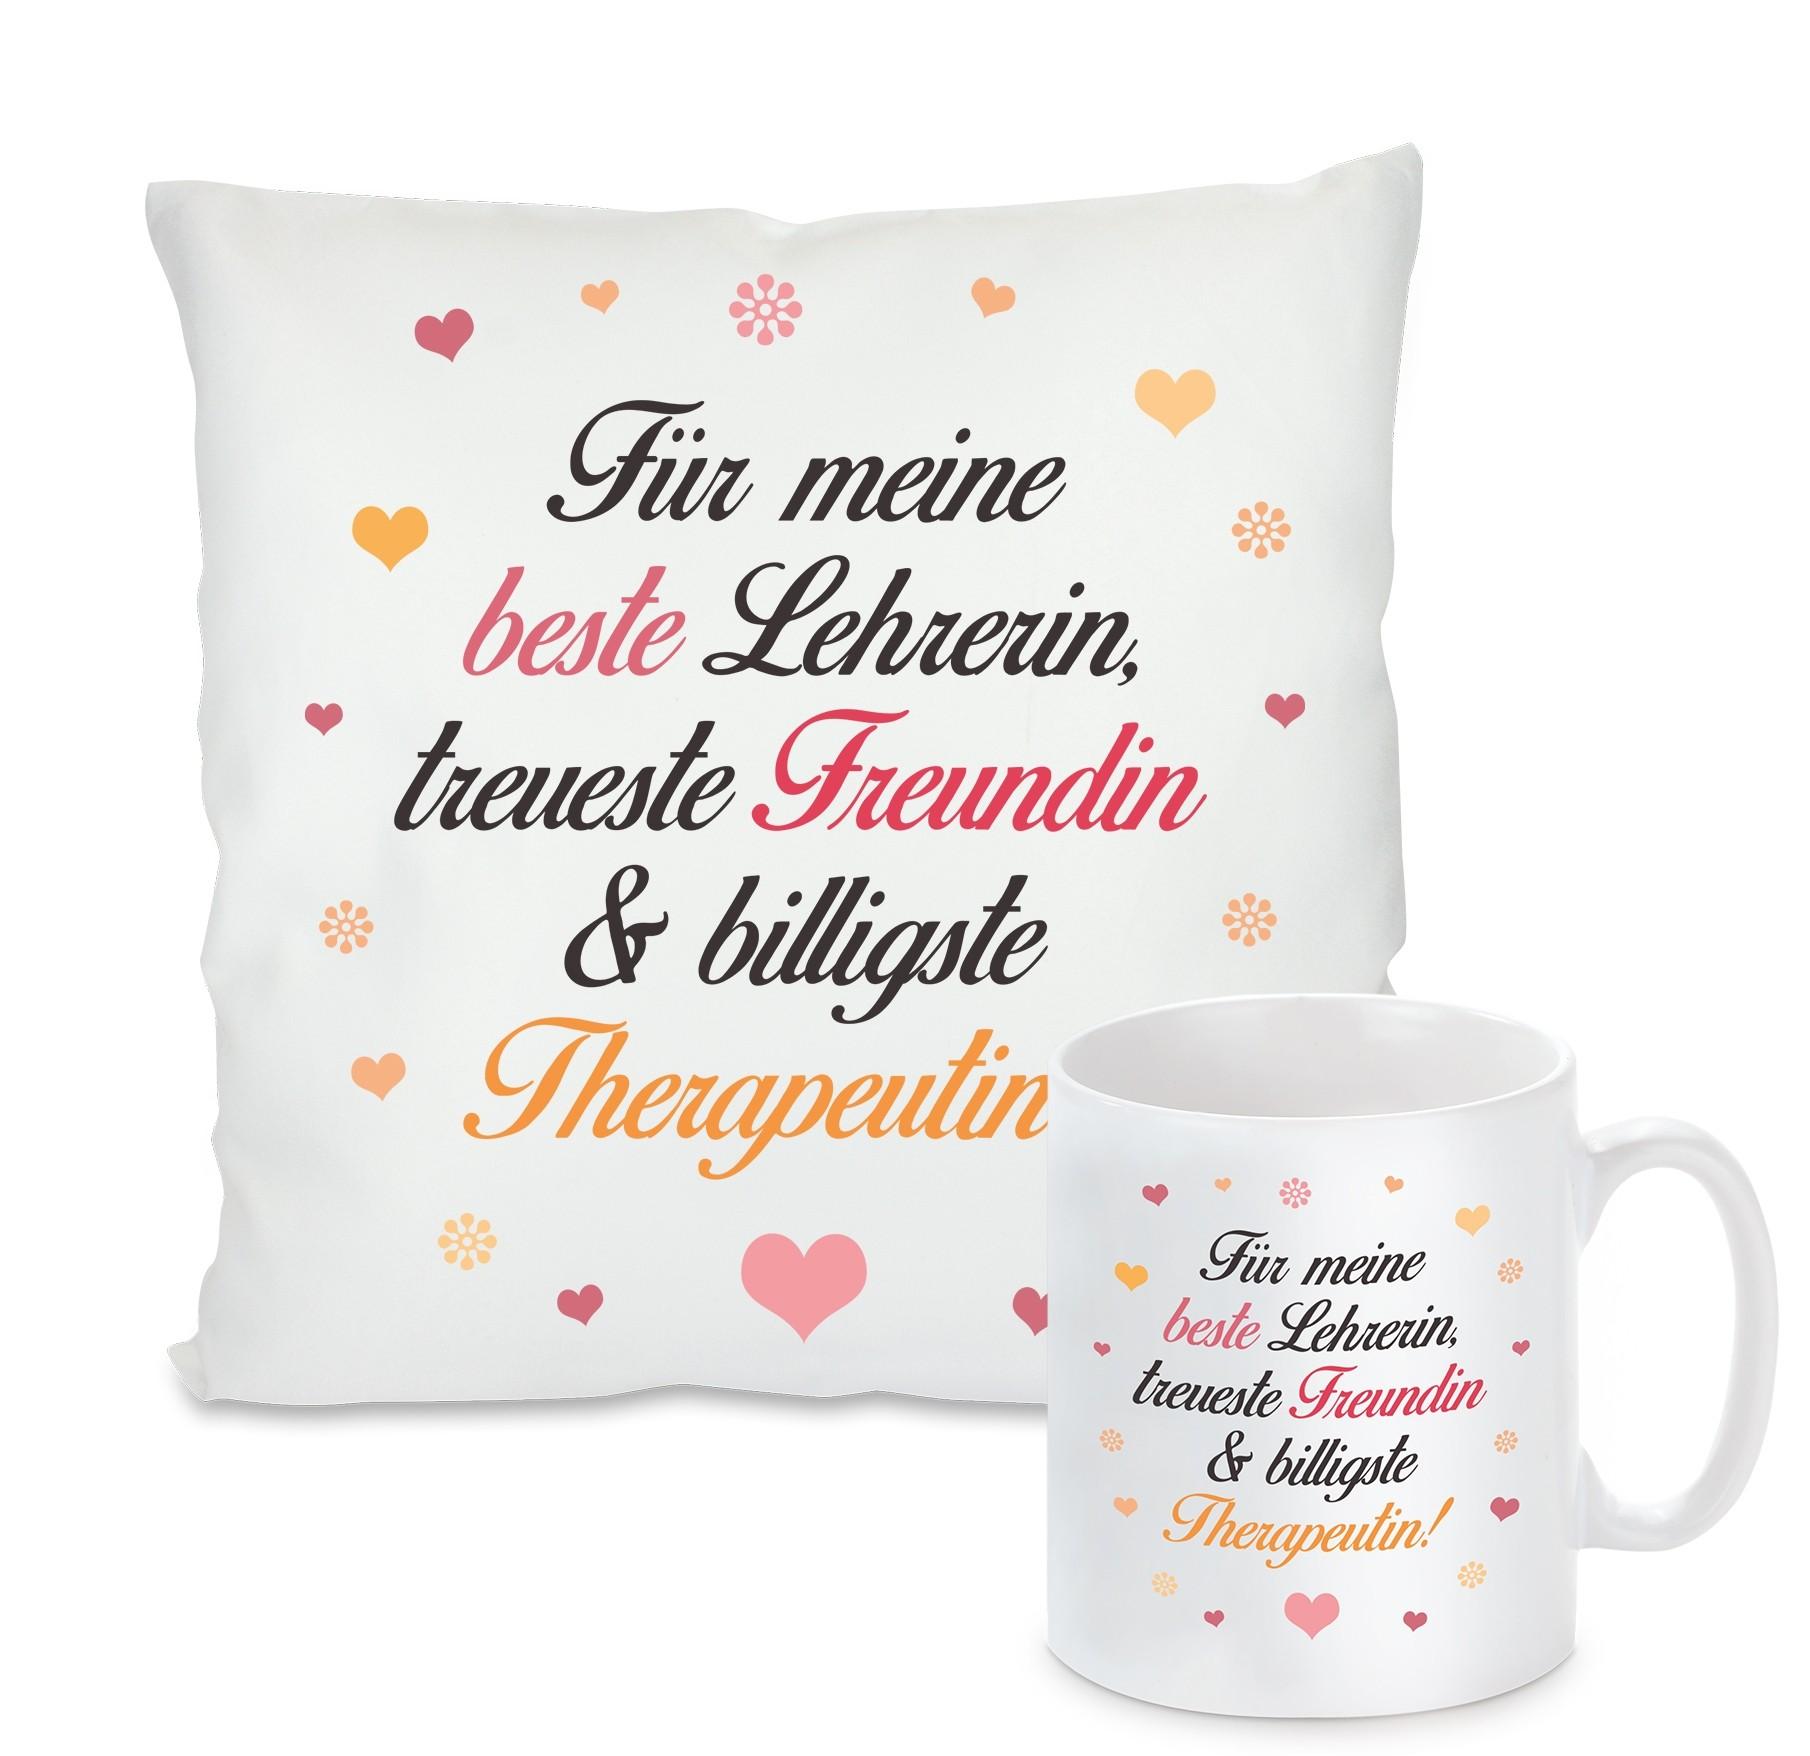 Kissen oder Tasse: Für meine beste Lehrerin, treuste Freundin & billigste Therapeutin!